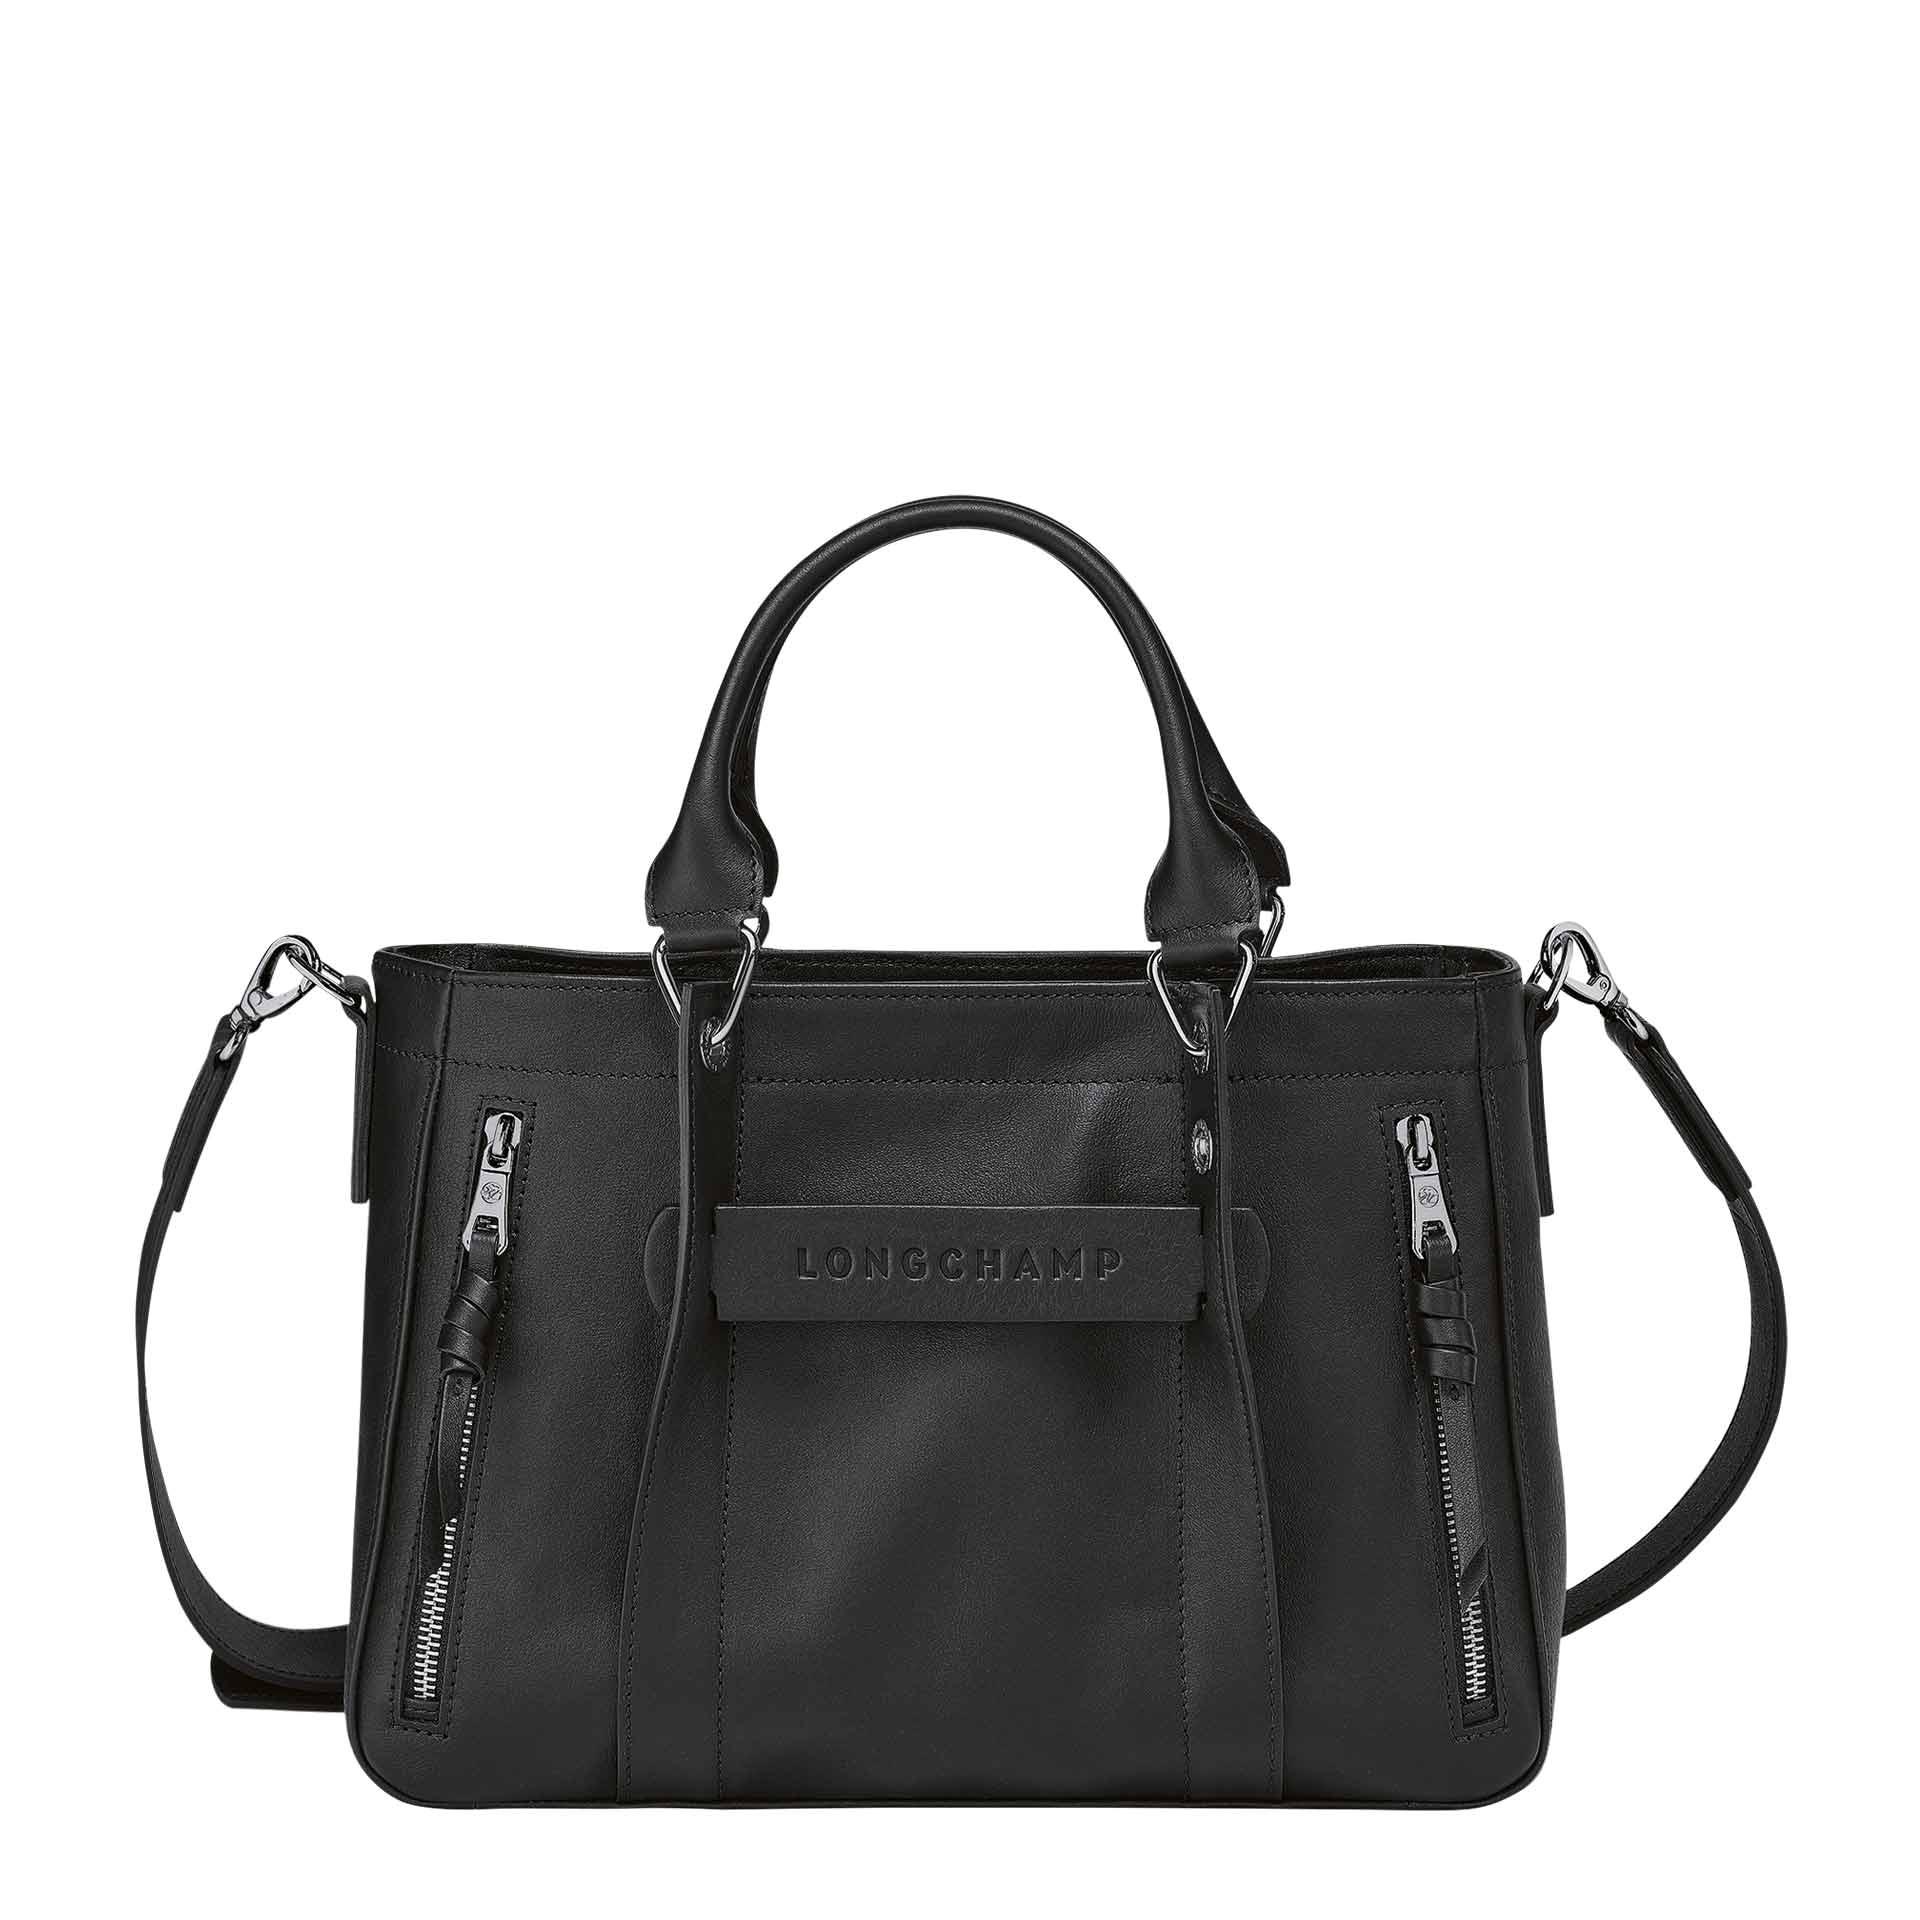 Longchamp 3D Handtasche S black